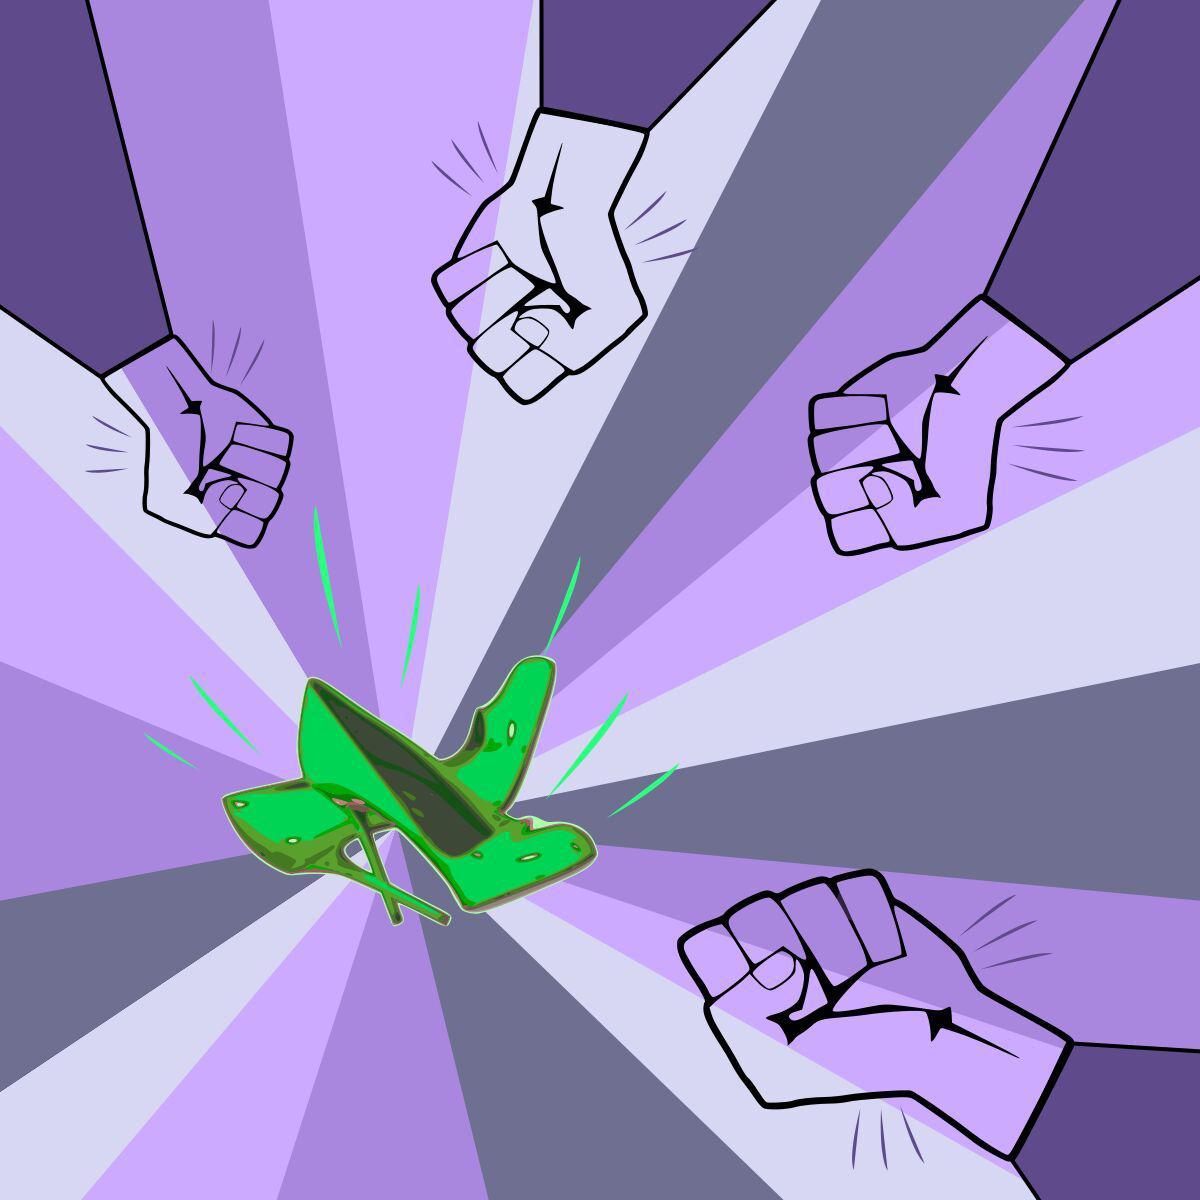 Fondo en tonos violetas con unos tacos verdes en el medio, rodeados por puños cerrados